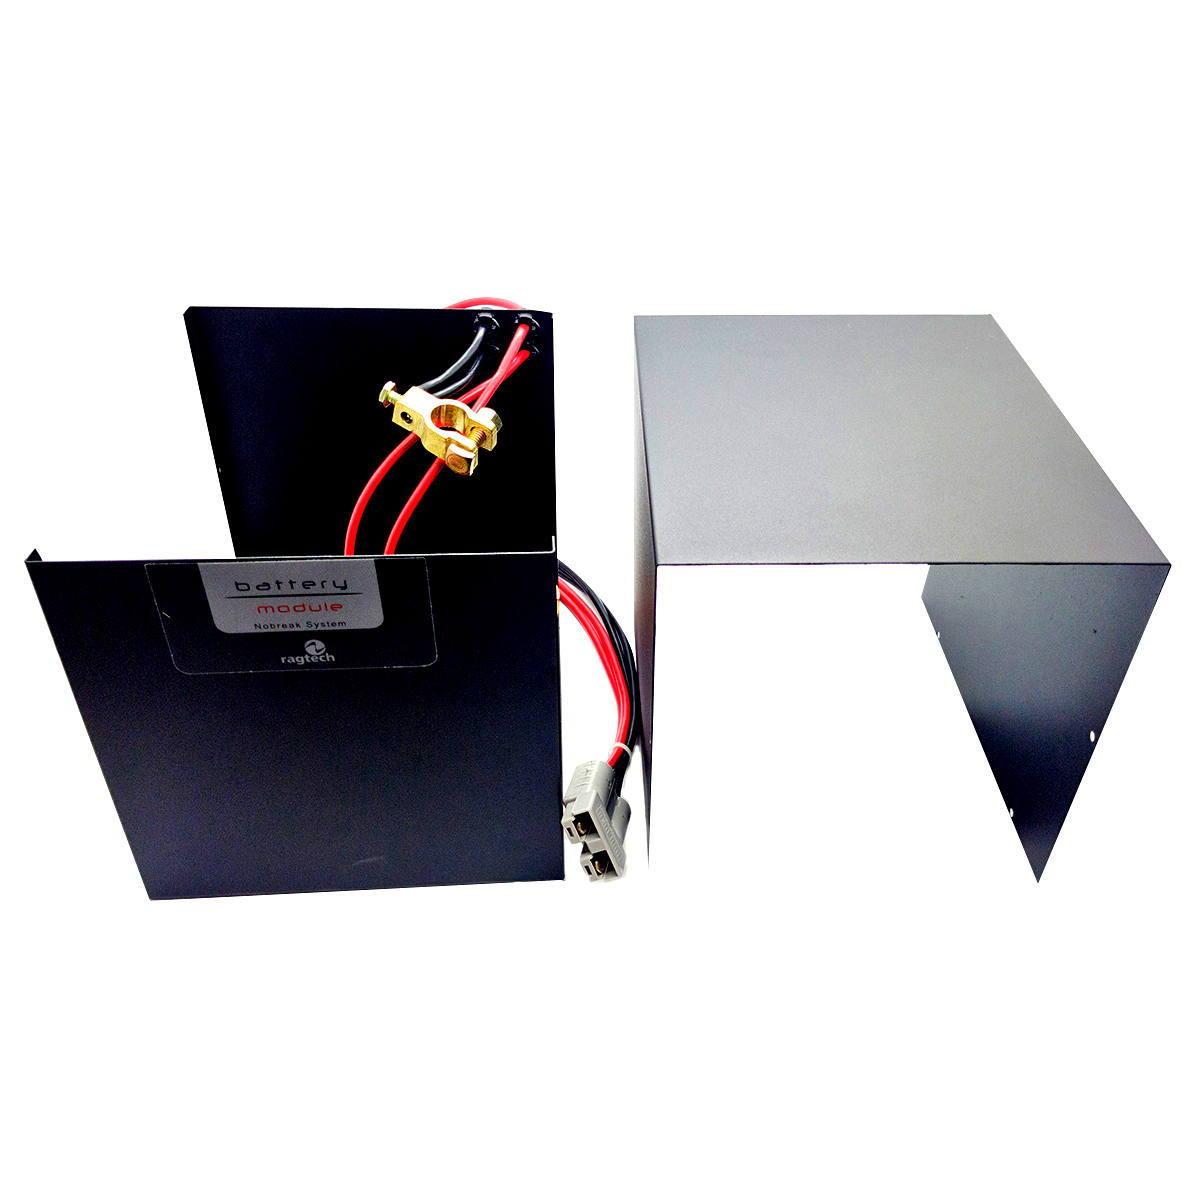 Módulo de Bateria Externa para Nobreak 40Ah 12V com Cabo para Engate Integrado Ragtech 8055 (Não Acompanha Bateria)